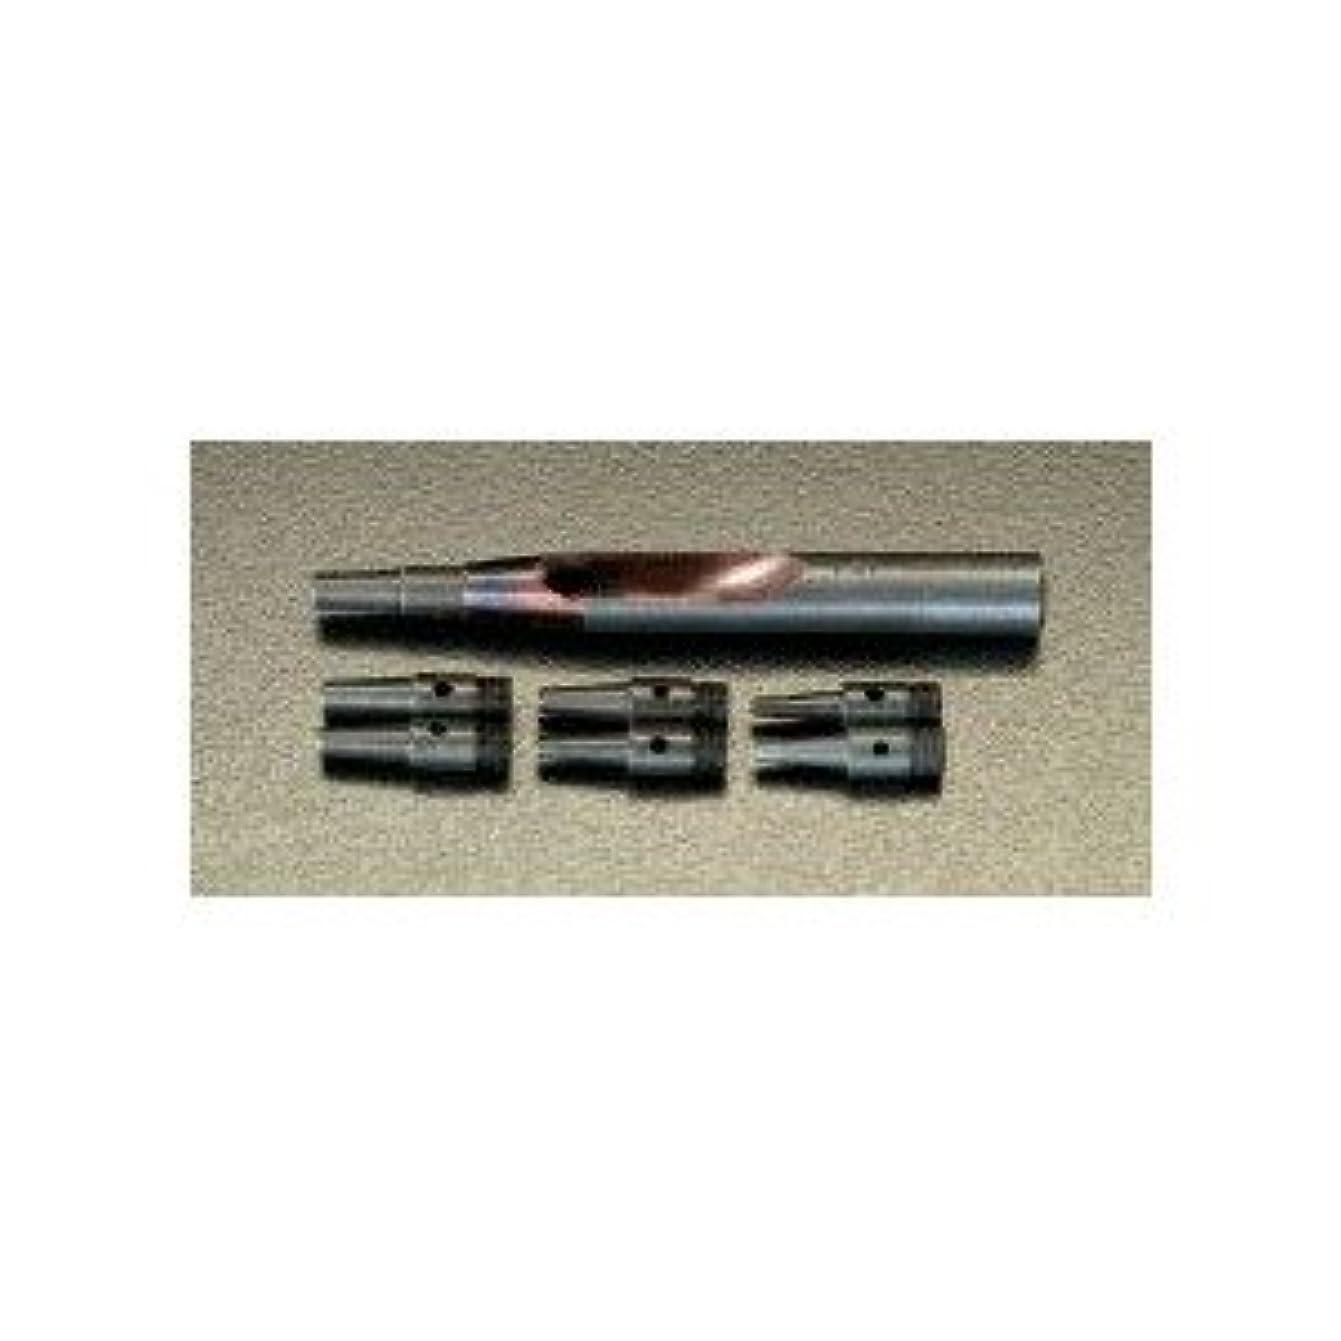 乳白グラディスしみエスコ 2.0-4.8mmミニパンチセット EA576HA